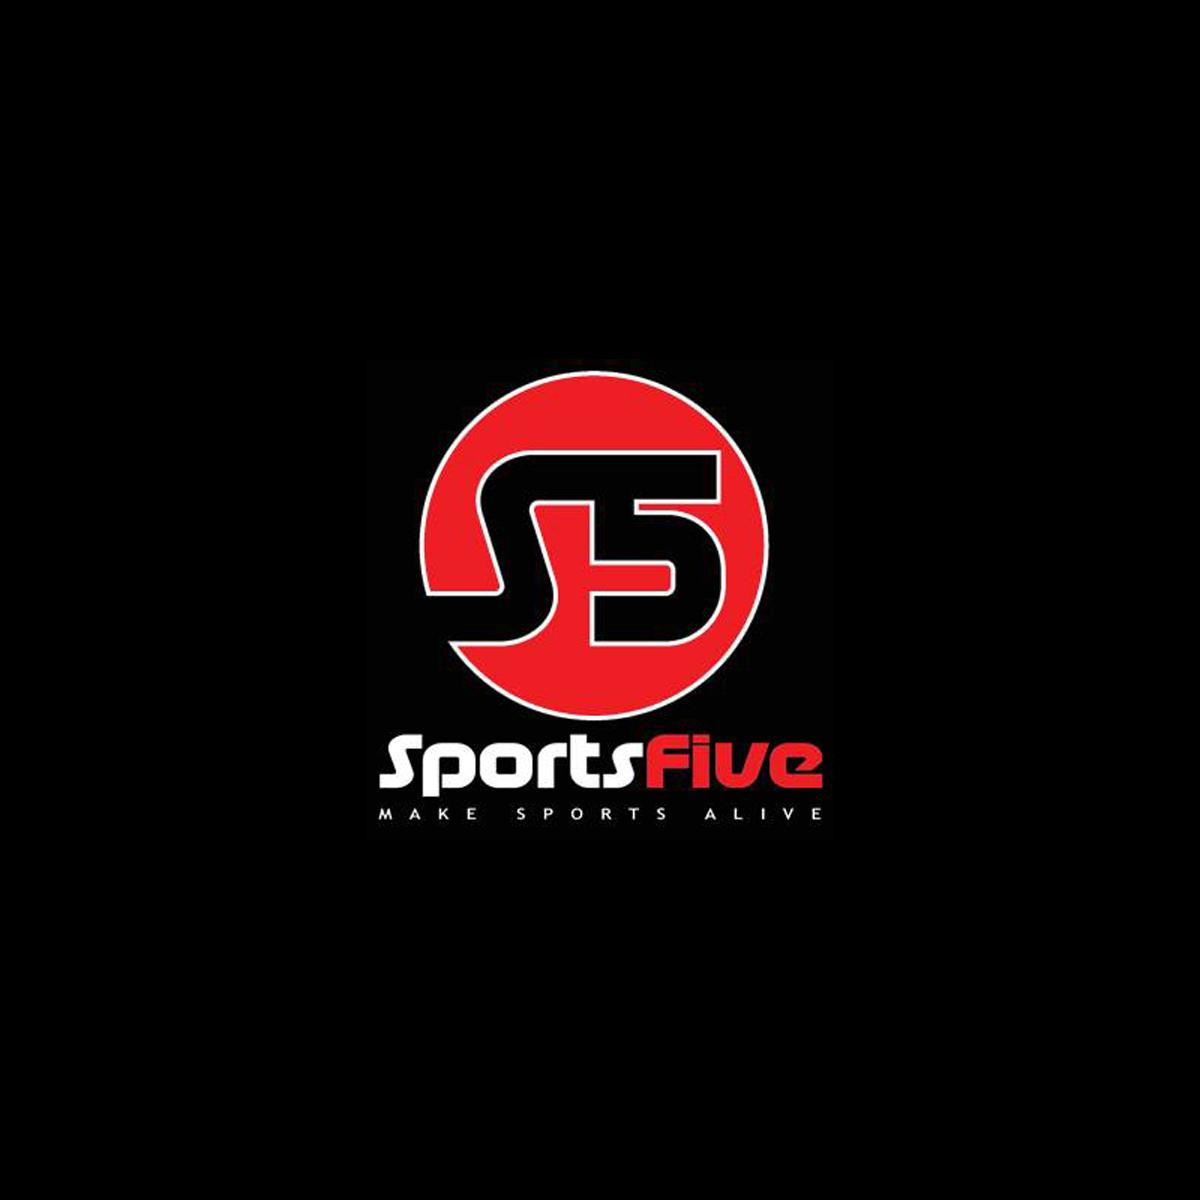 SportsFive